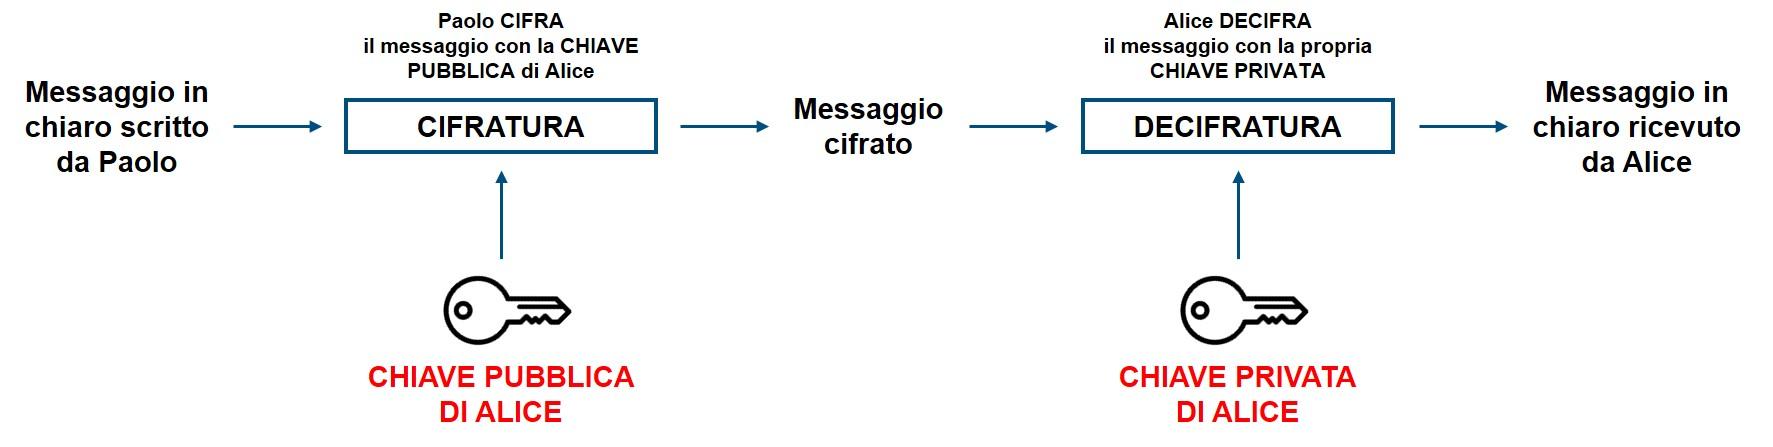 Esempio di crittografia End-to-End